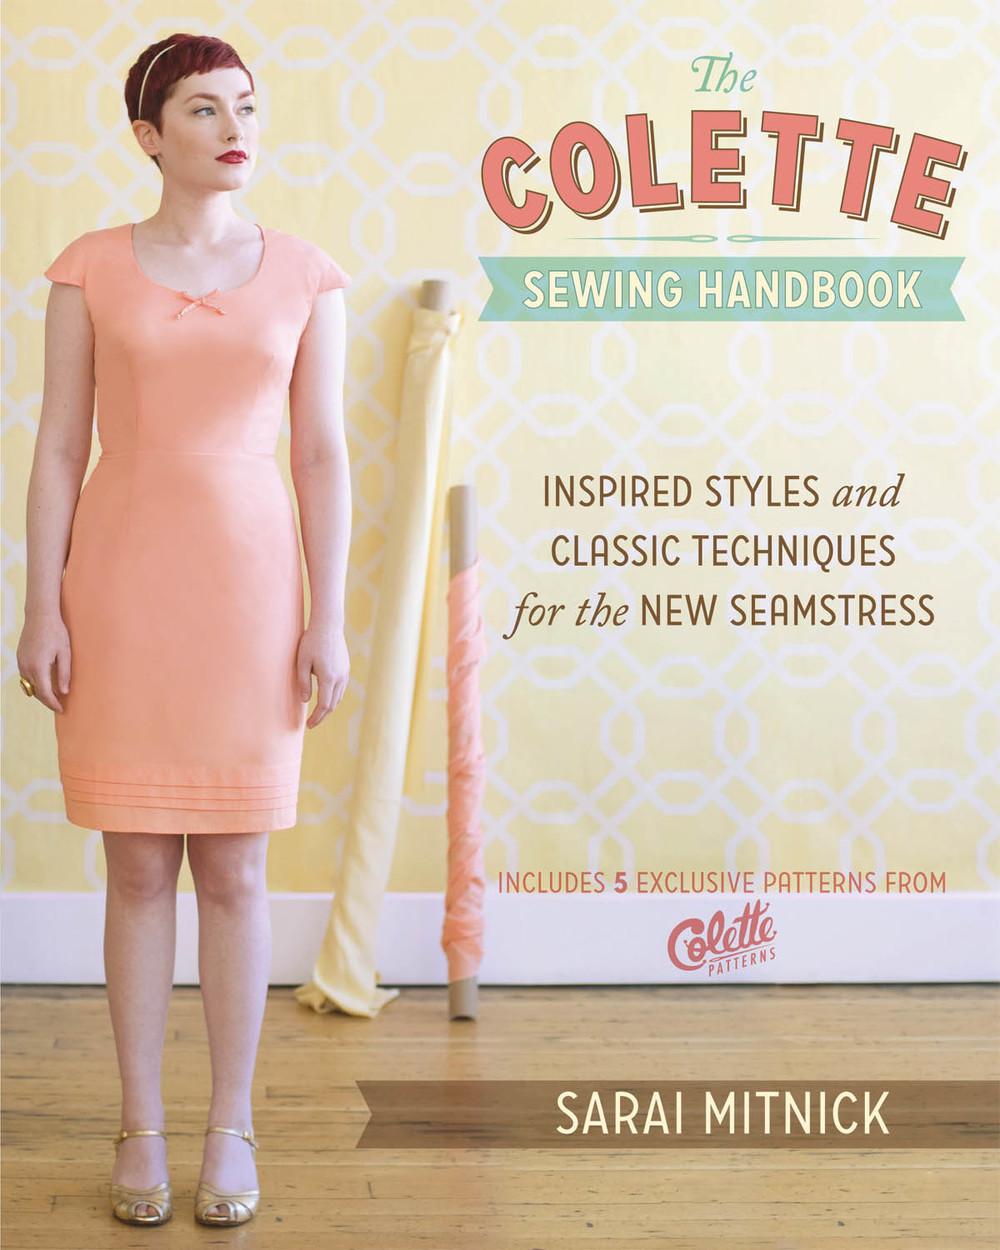 Colette Sewing Handbook.jpg